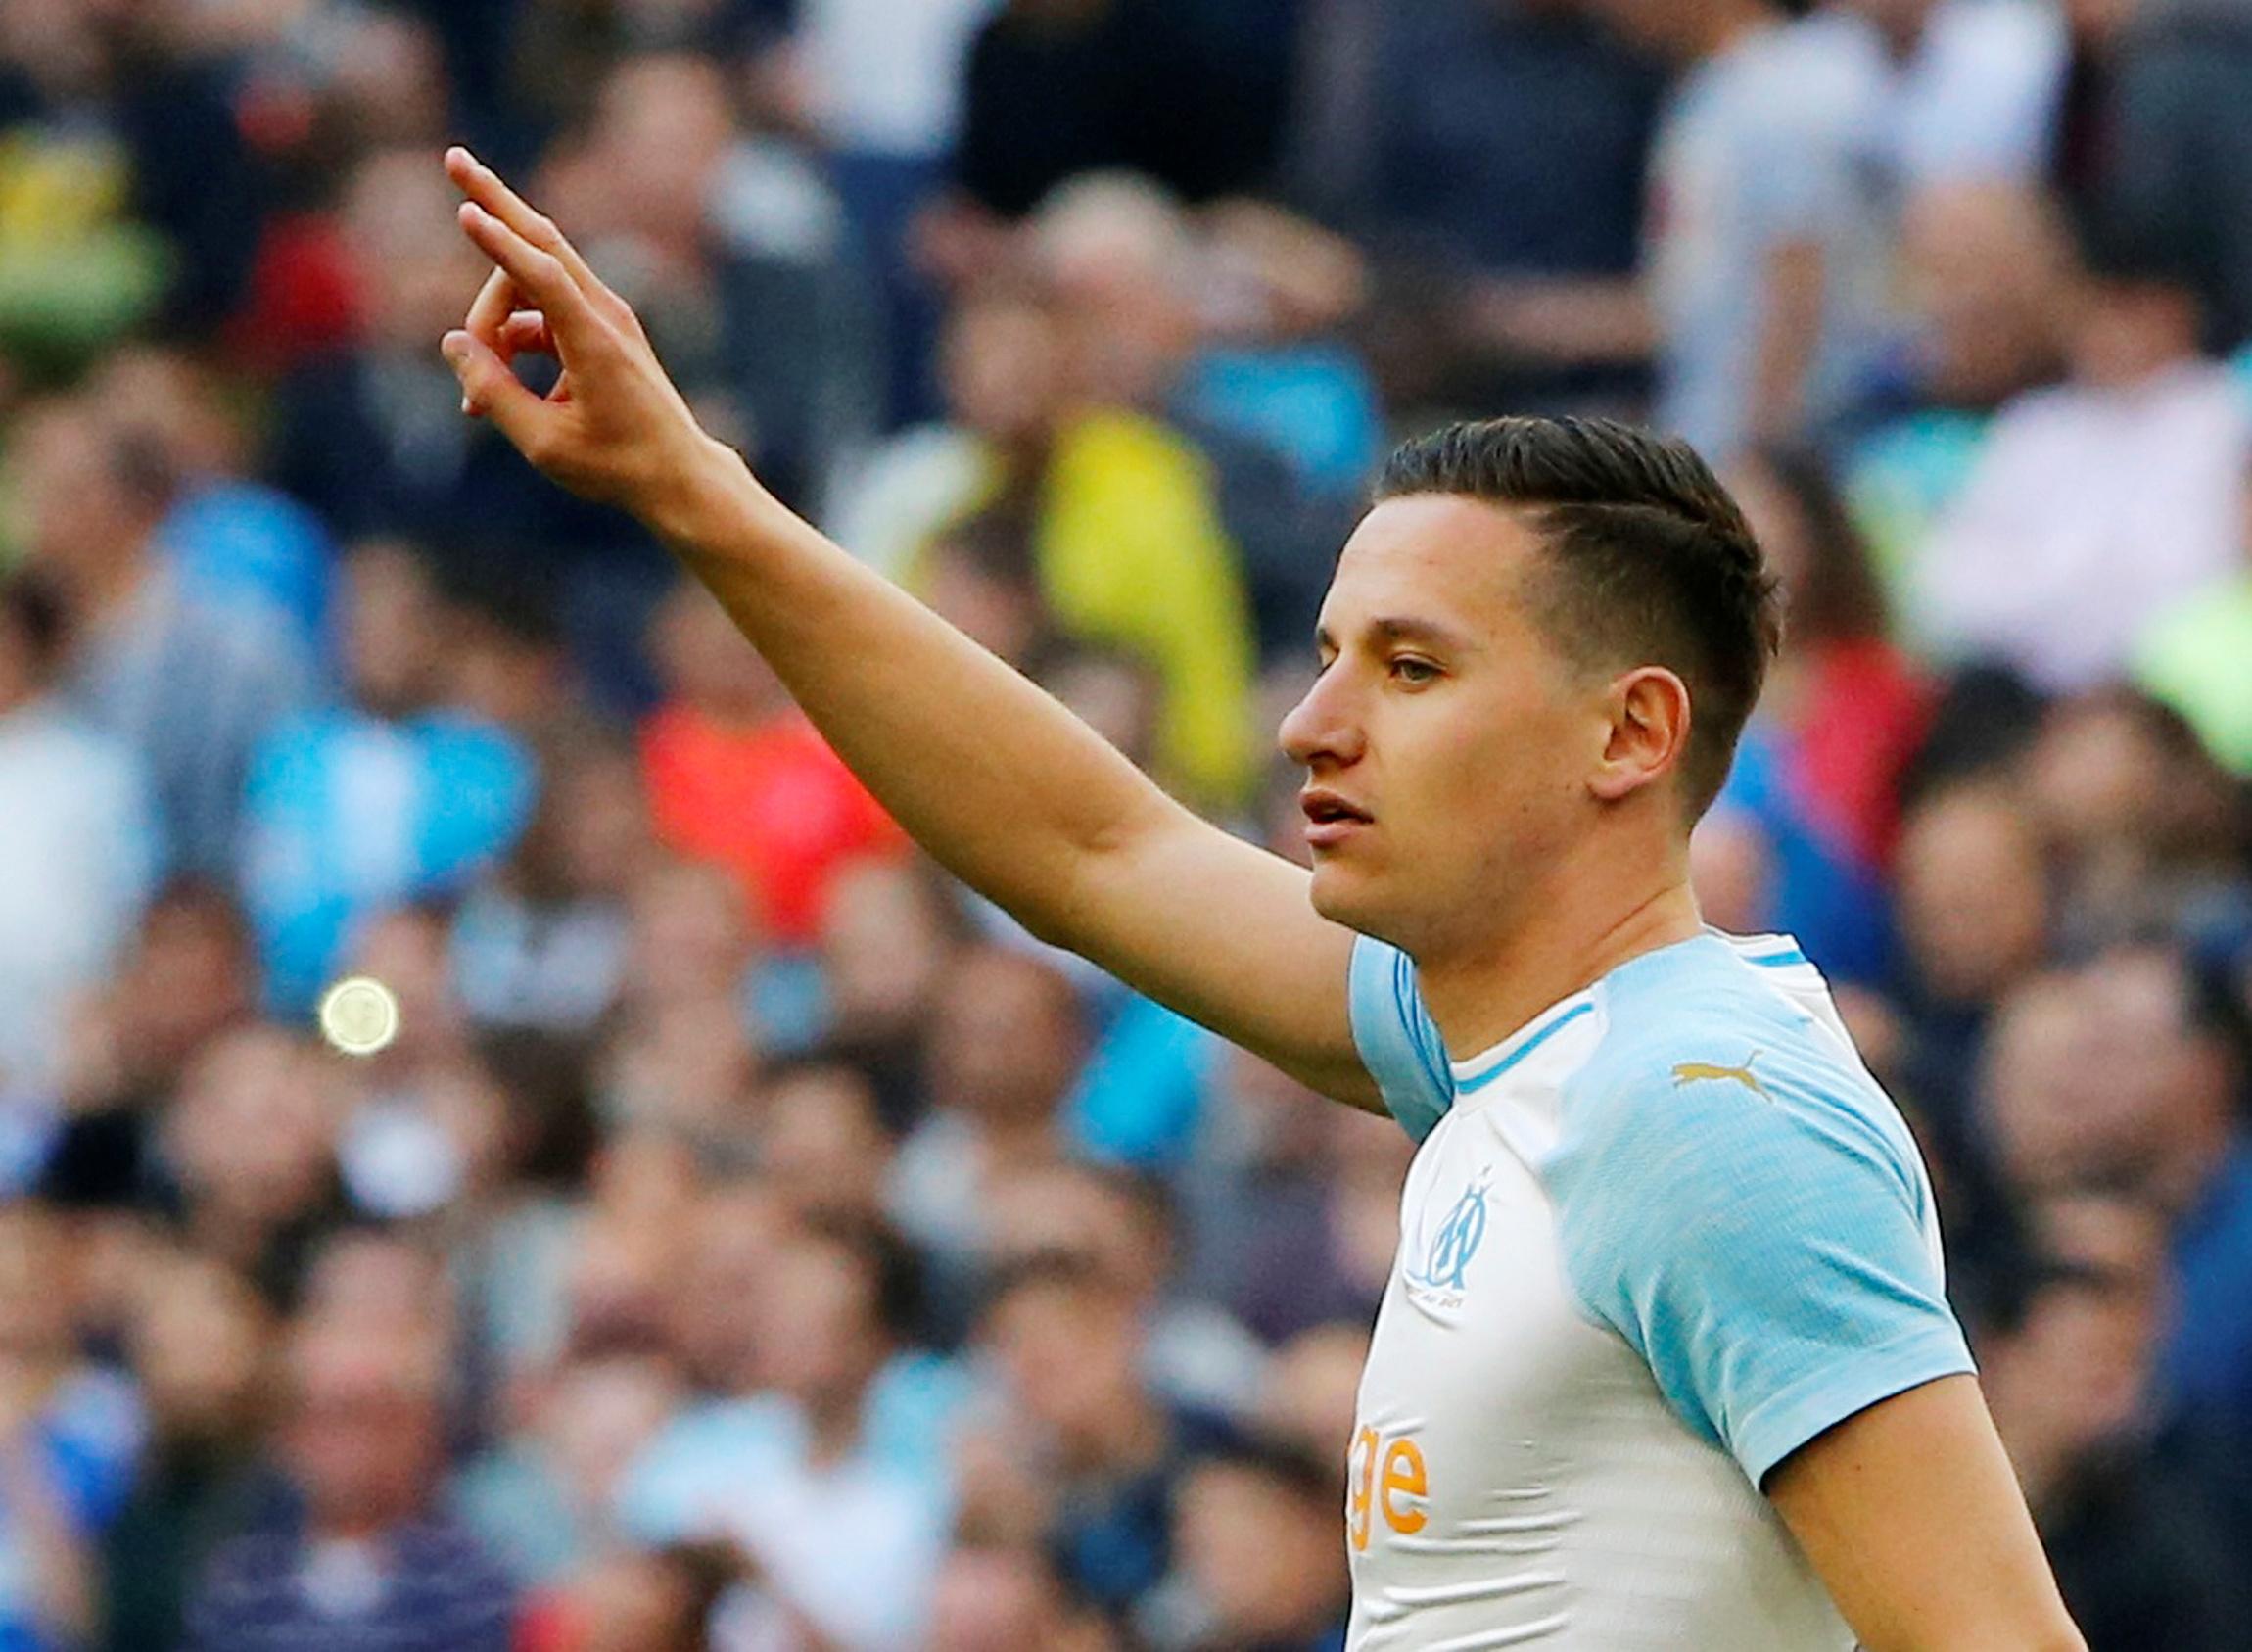 Marseille international midfielder Thauvin out until winter break - club